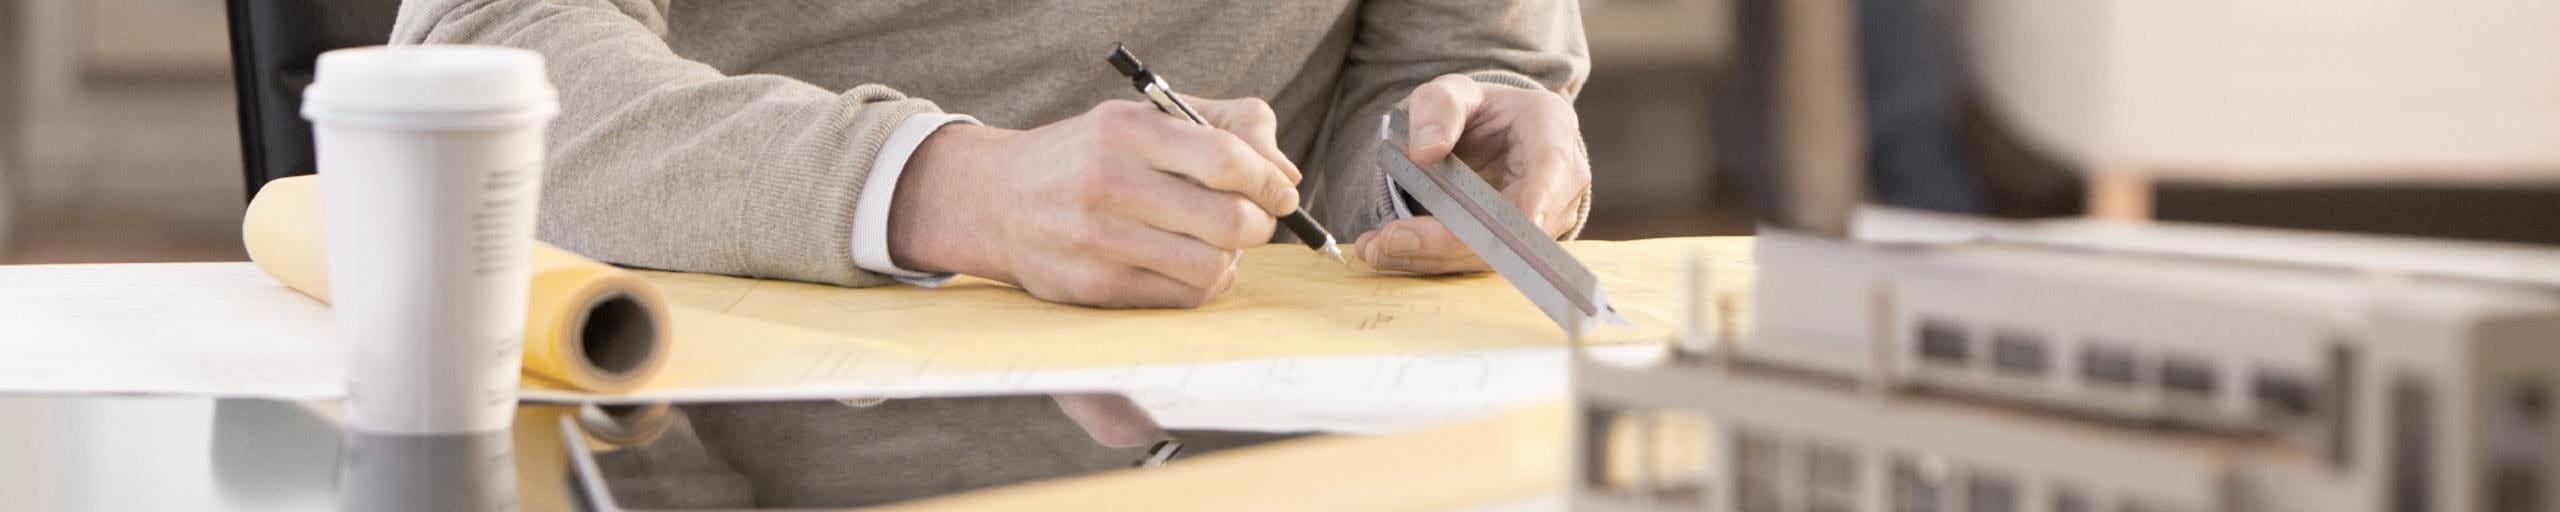 Ein Mann zeichnet Skizze am Arbeitsplatz.